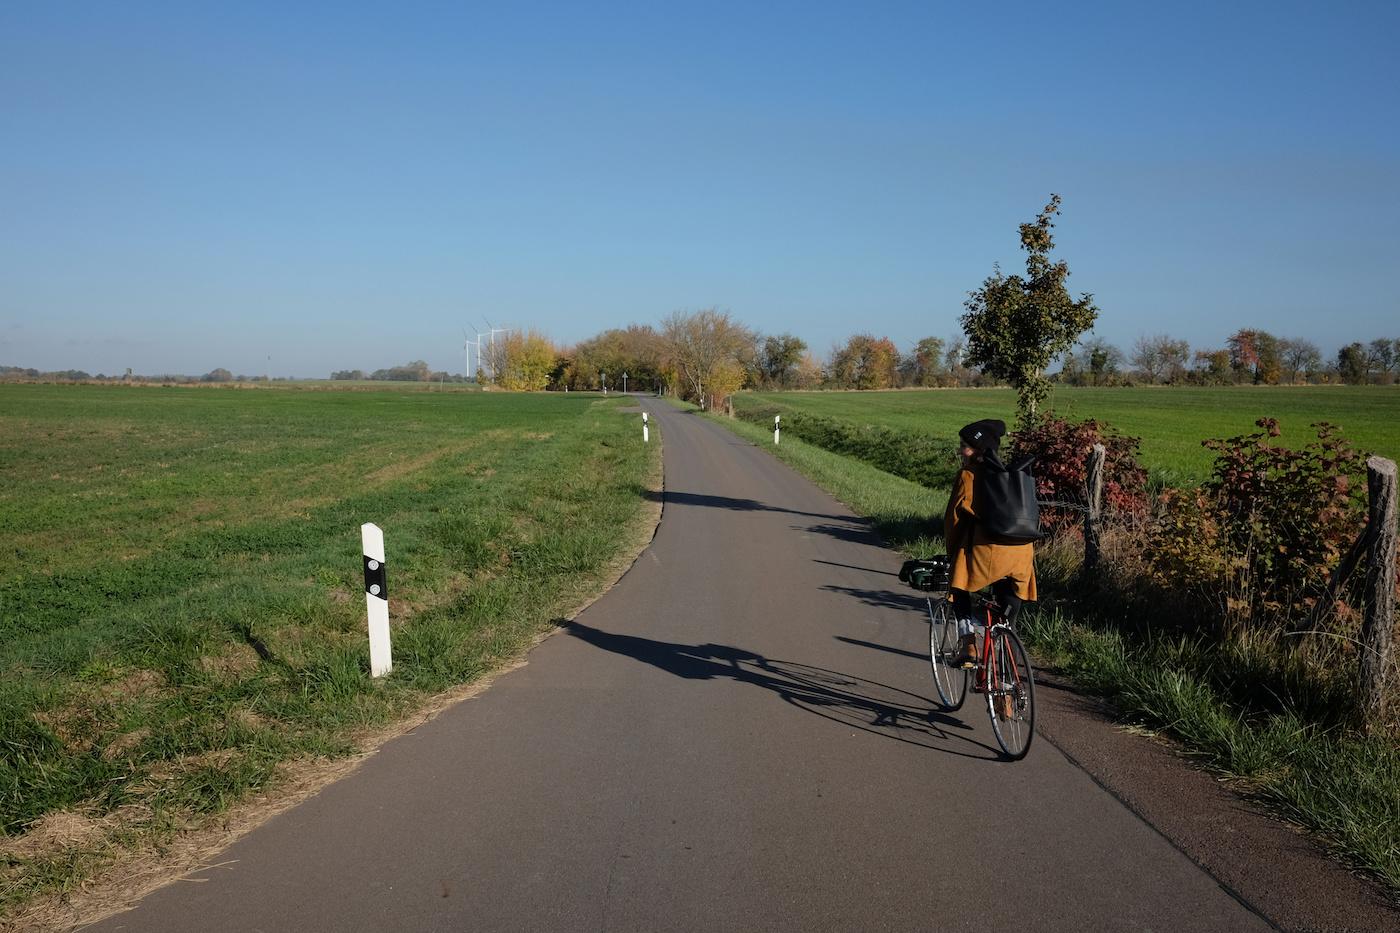 Beeskow__Sauen_wecyclebrandenburg12.JPG